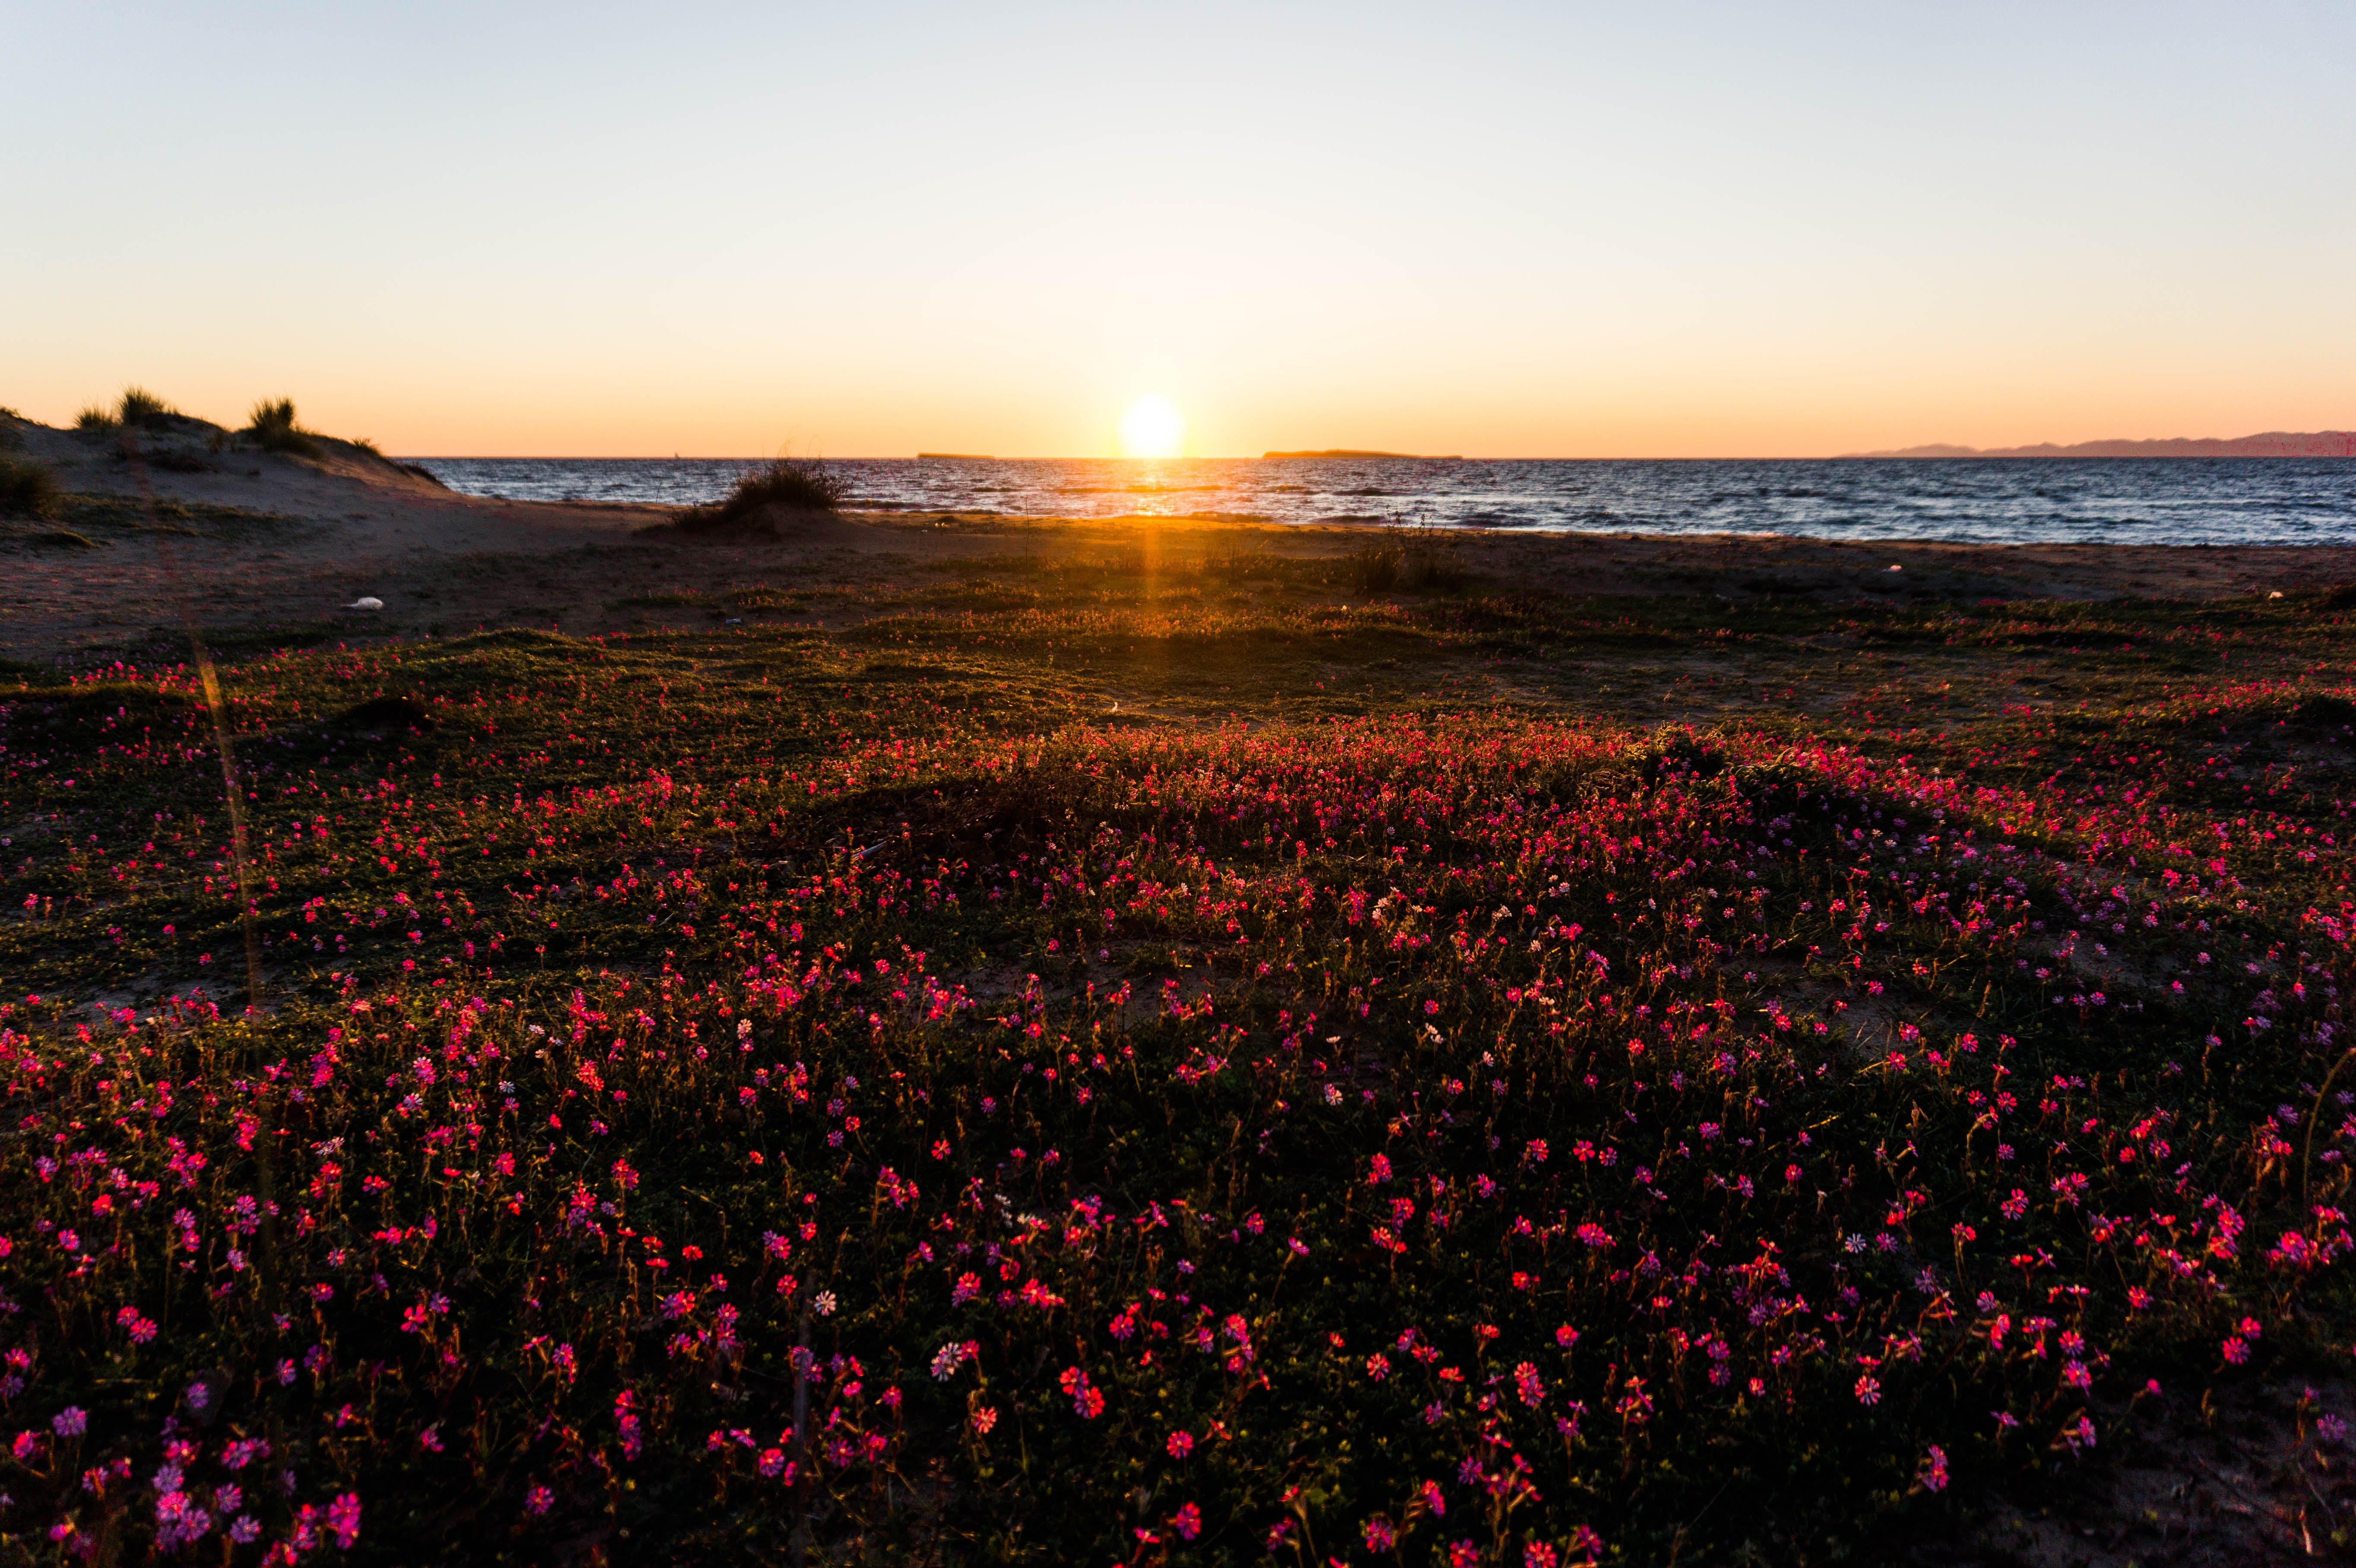 Photography of Flower Field Near Sea